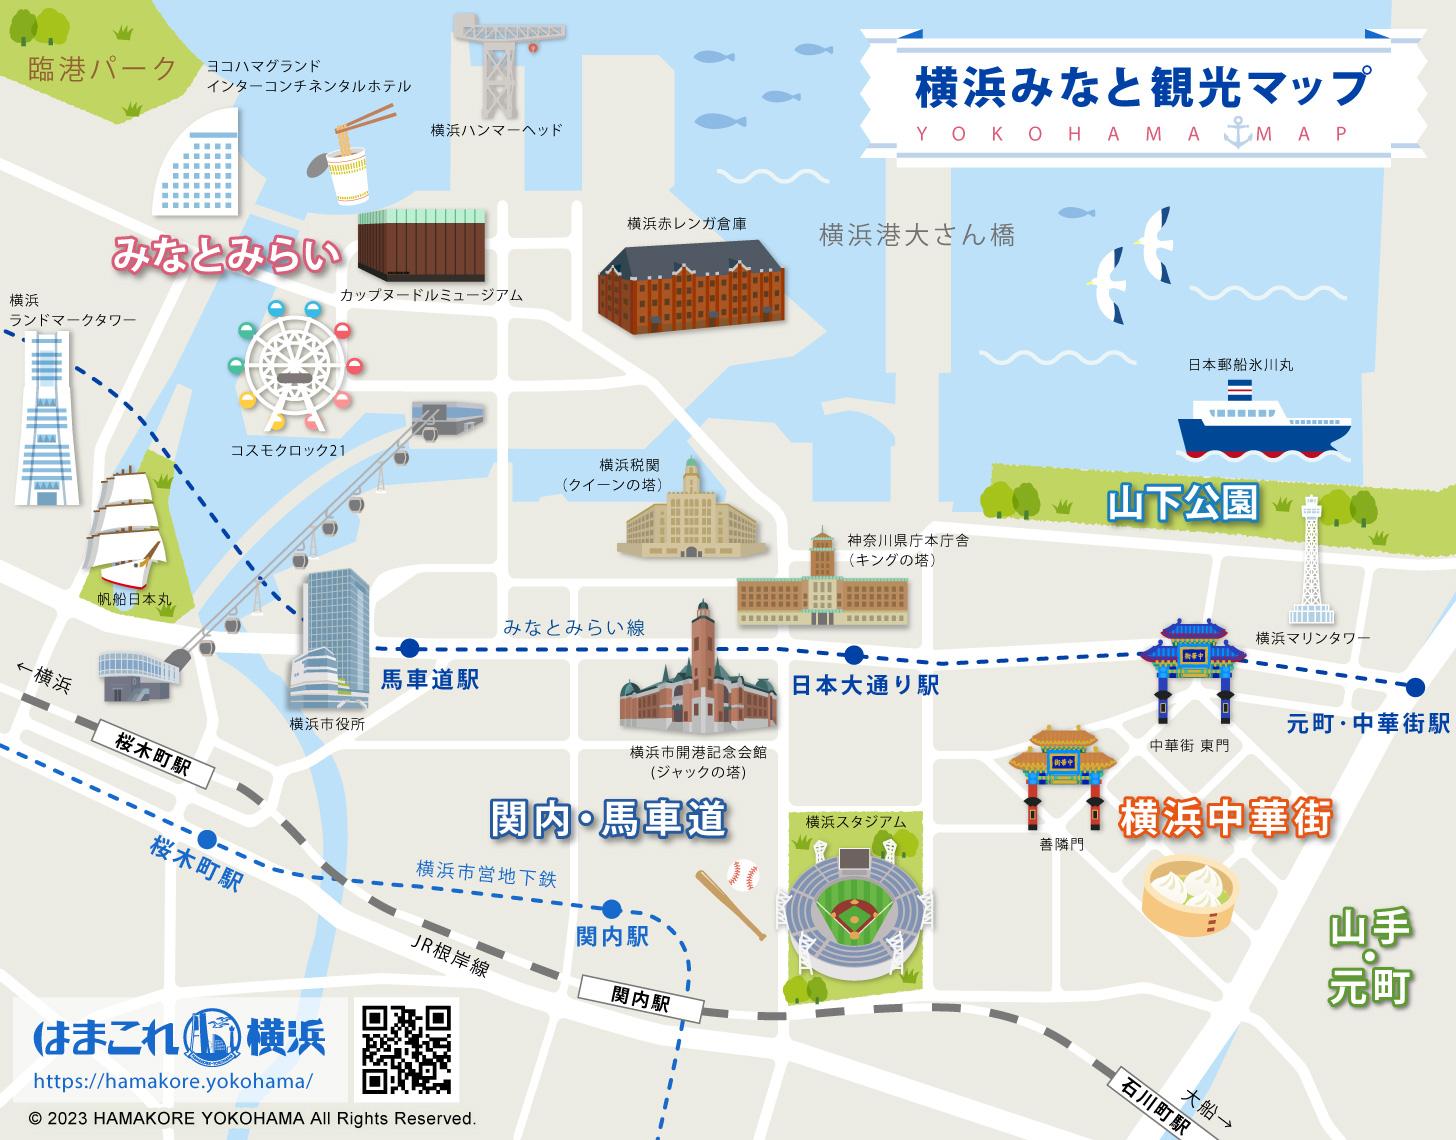 横浜みなと観光マップ